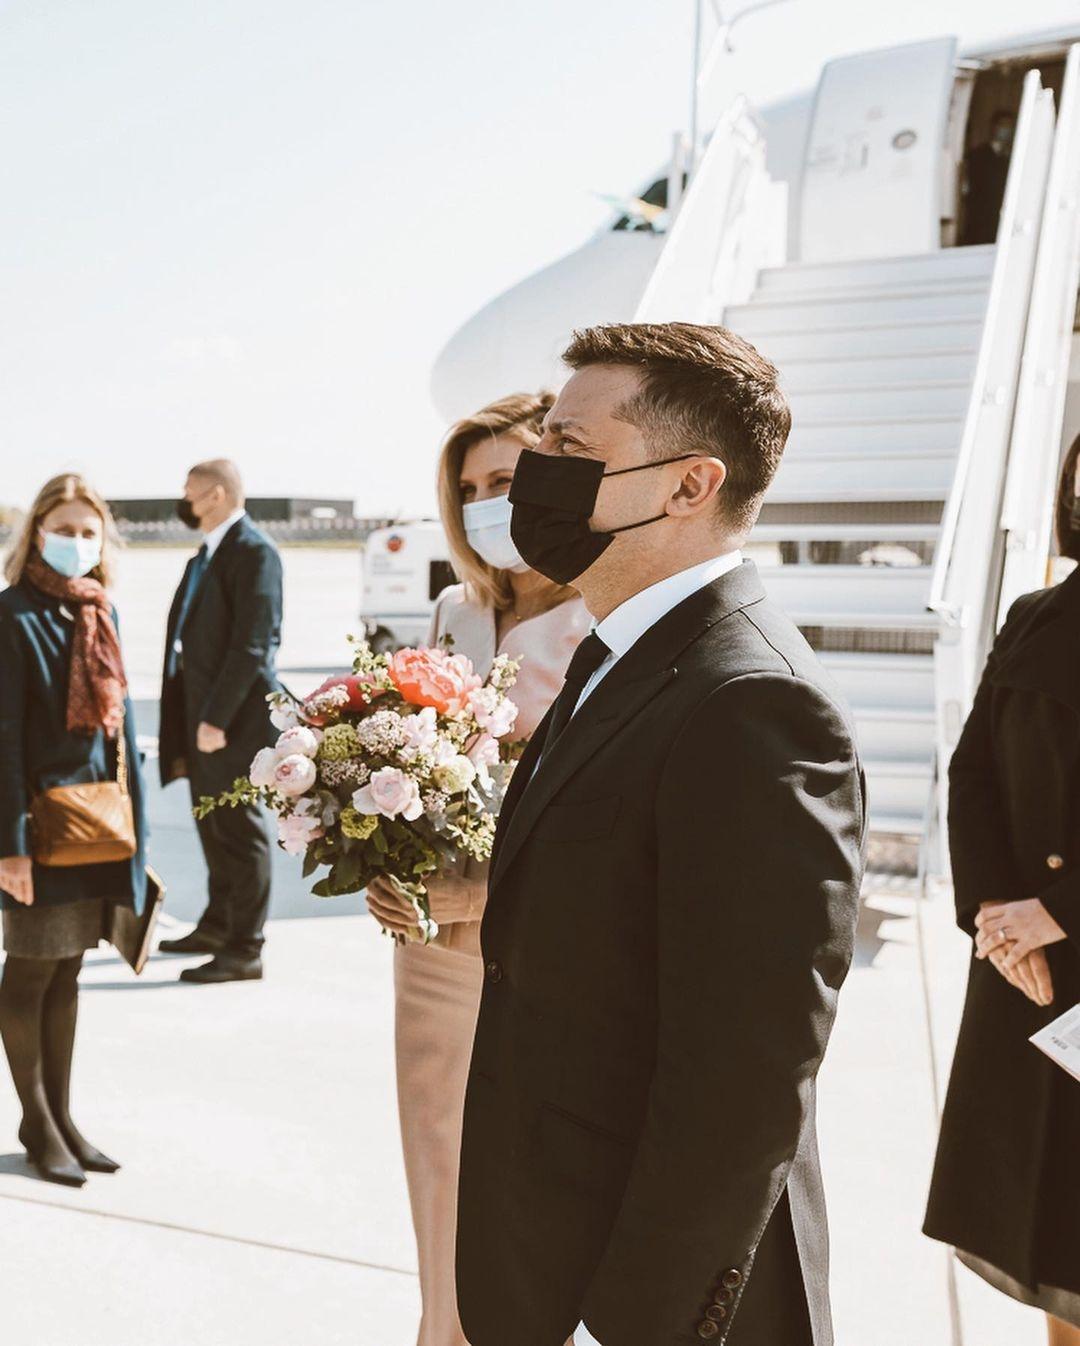 Образ дня: Елена Зеленская в женственном наряде прилетела в Париж (ФОТО) - фото №3